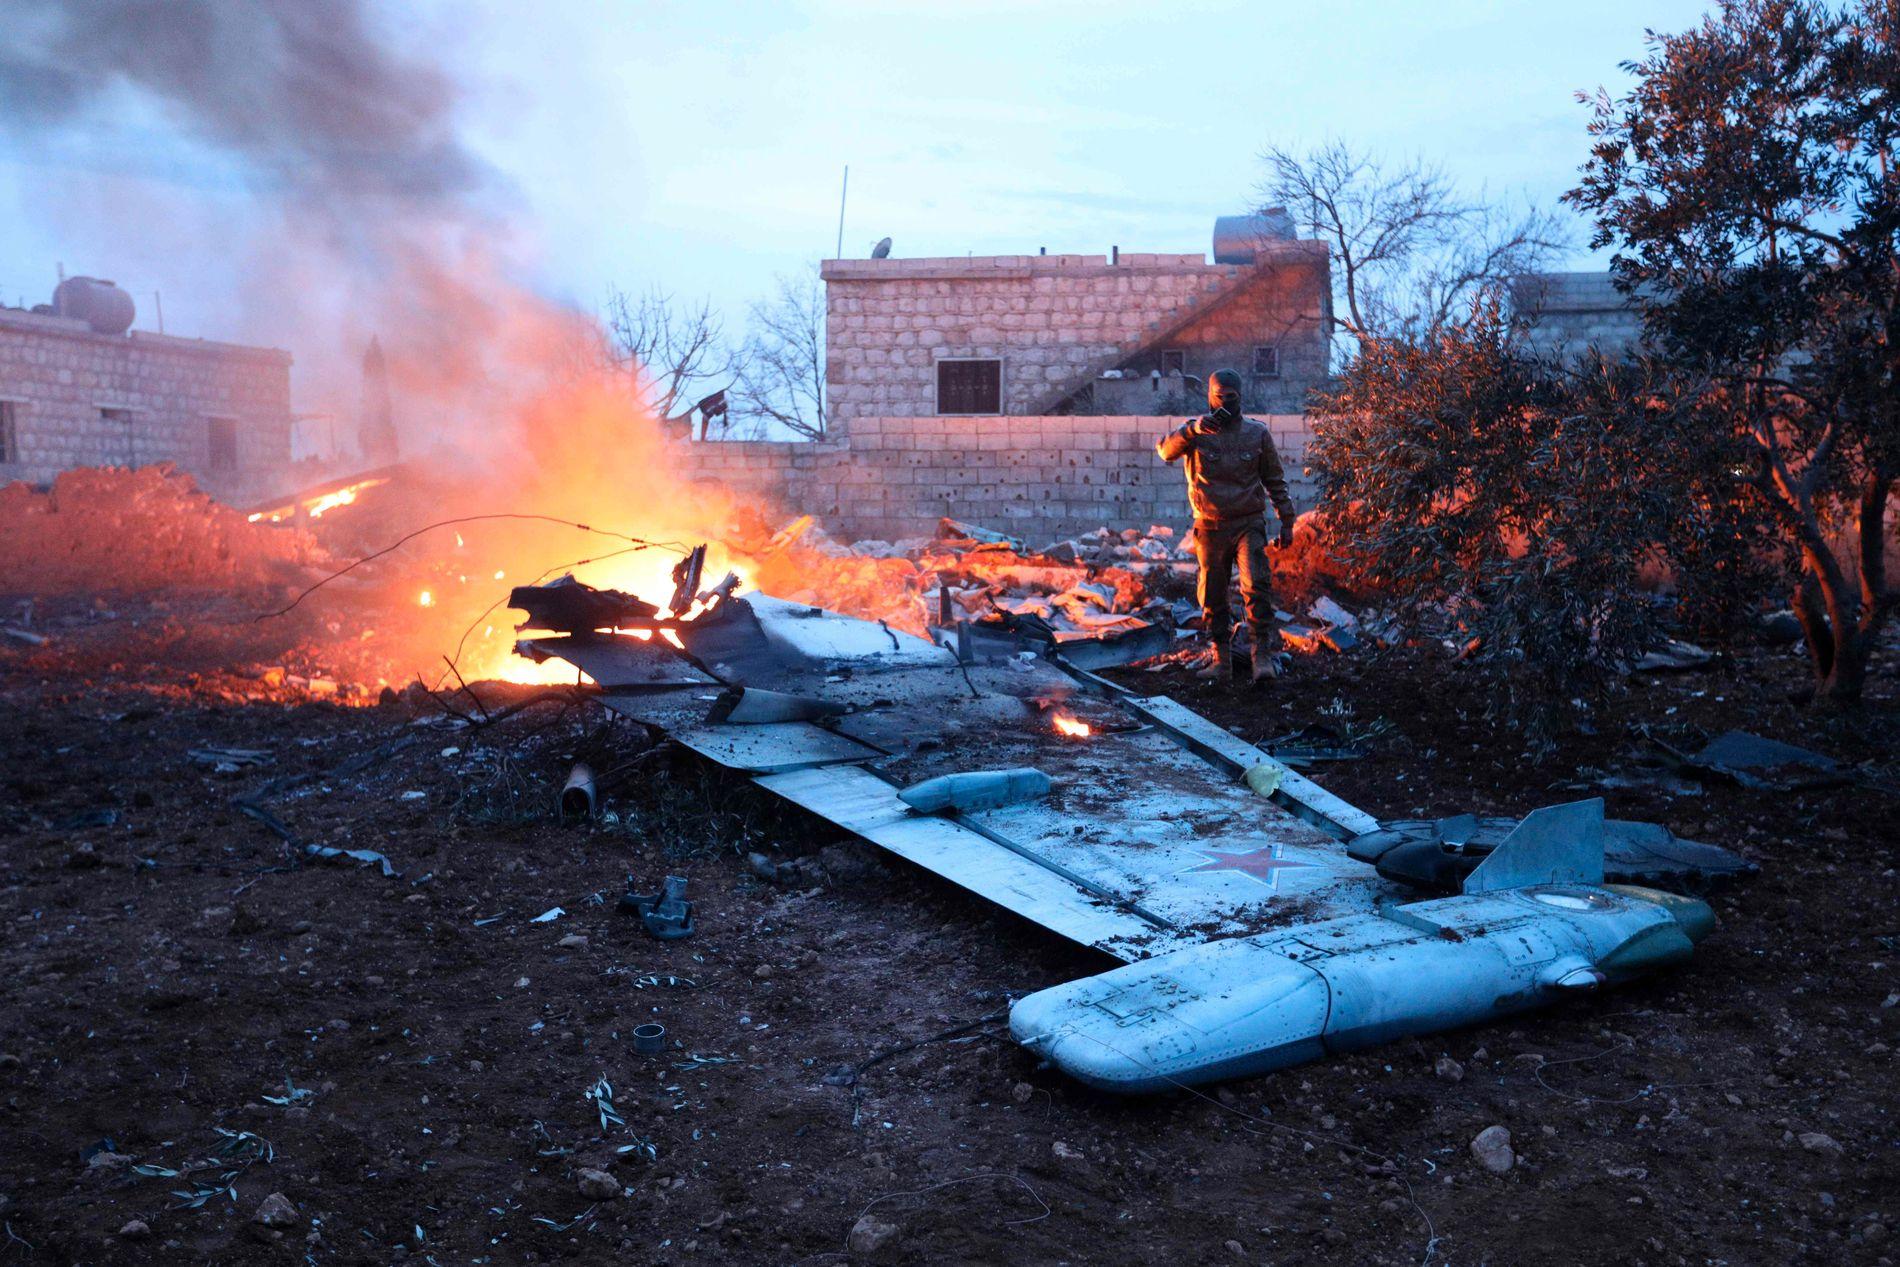 SKUTT NED: Bildet, som viser det nedskutte flyet, er tatt lørdag av Omar Haj Kadour, som VG har snakket med.